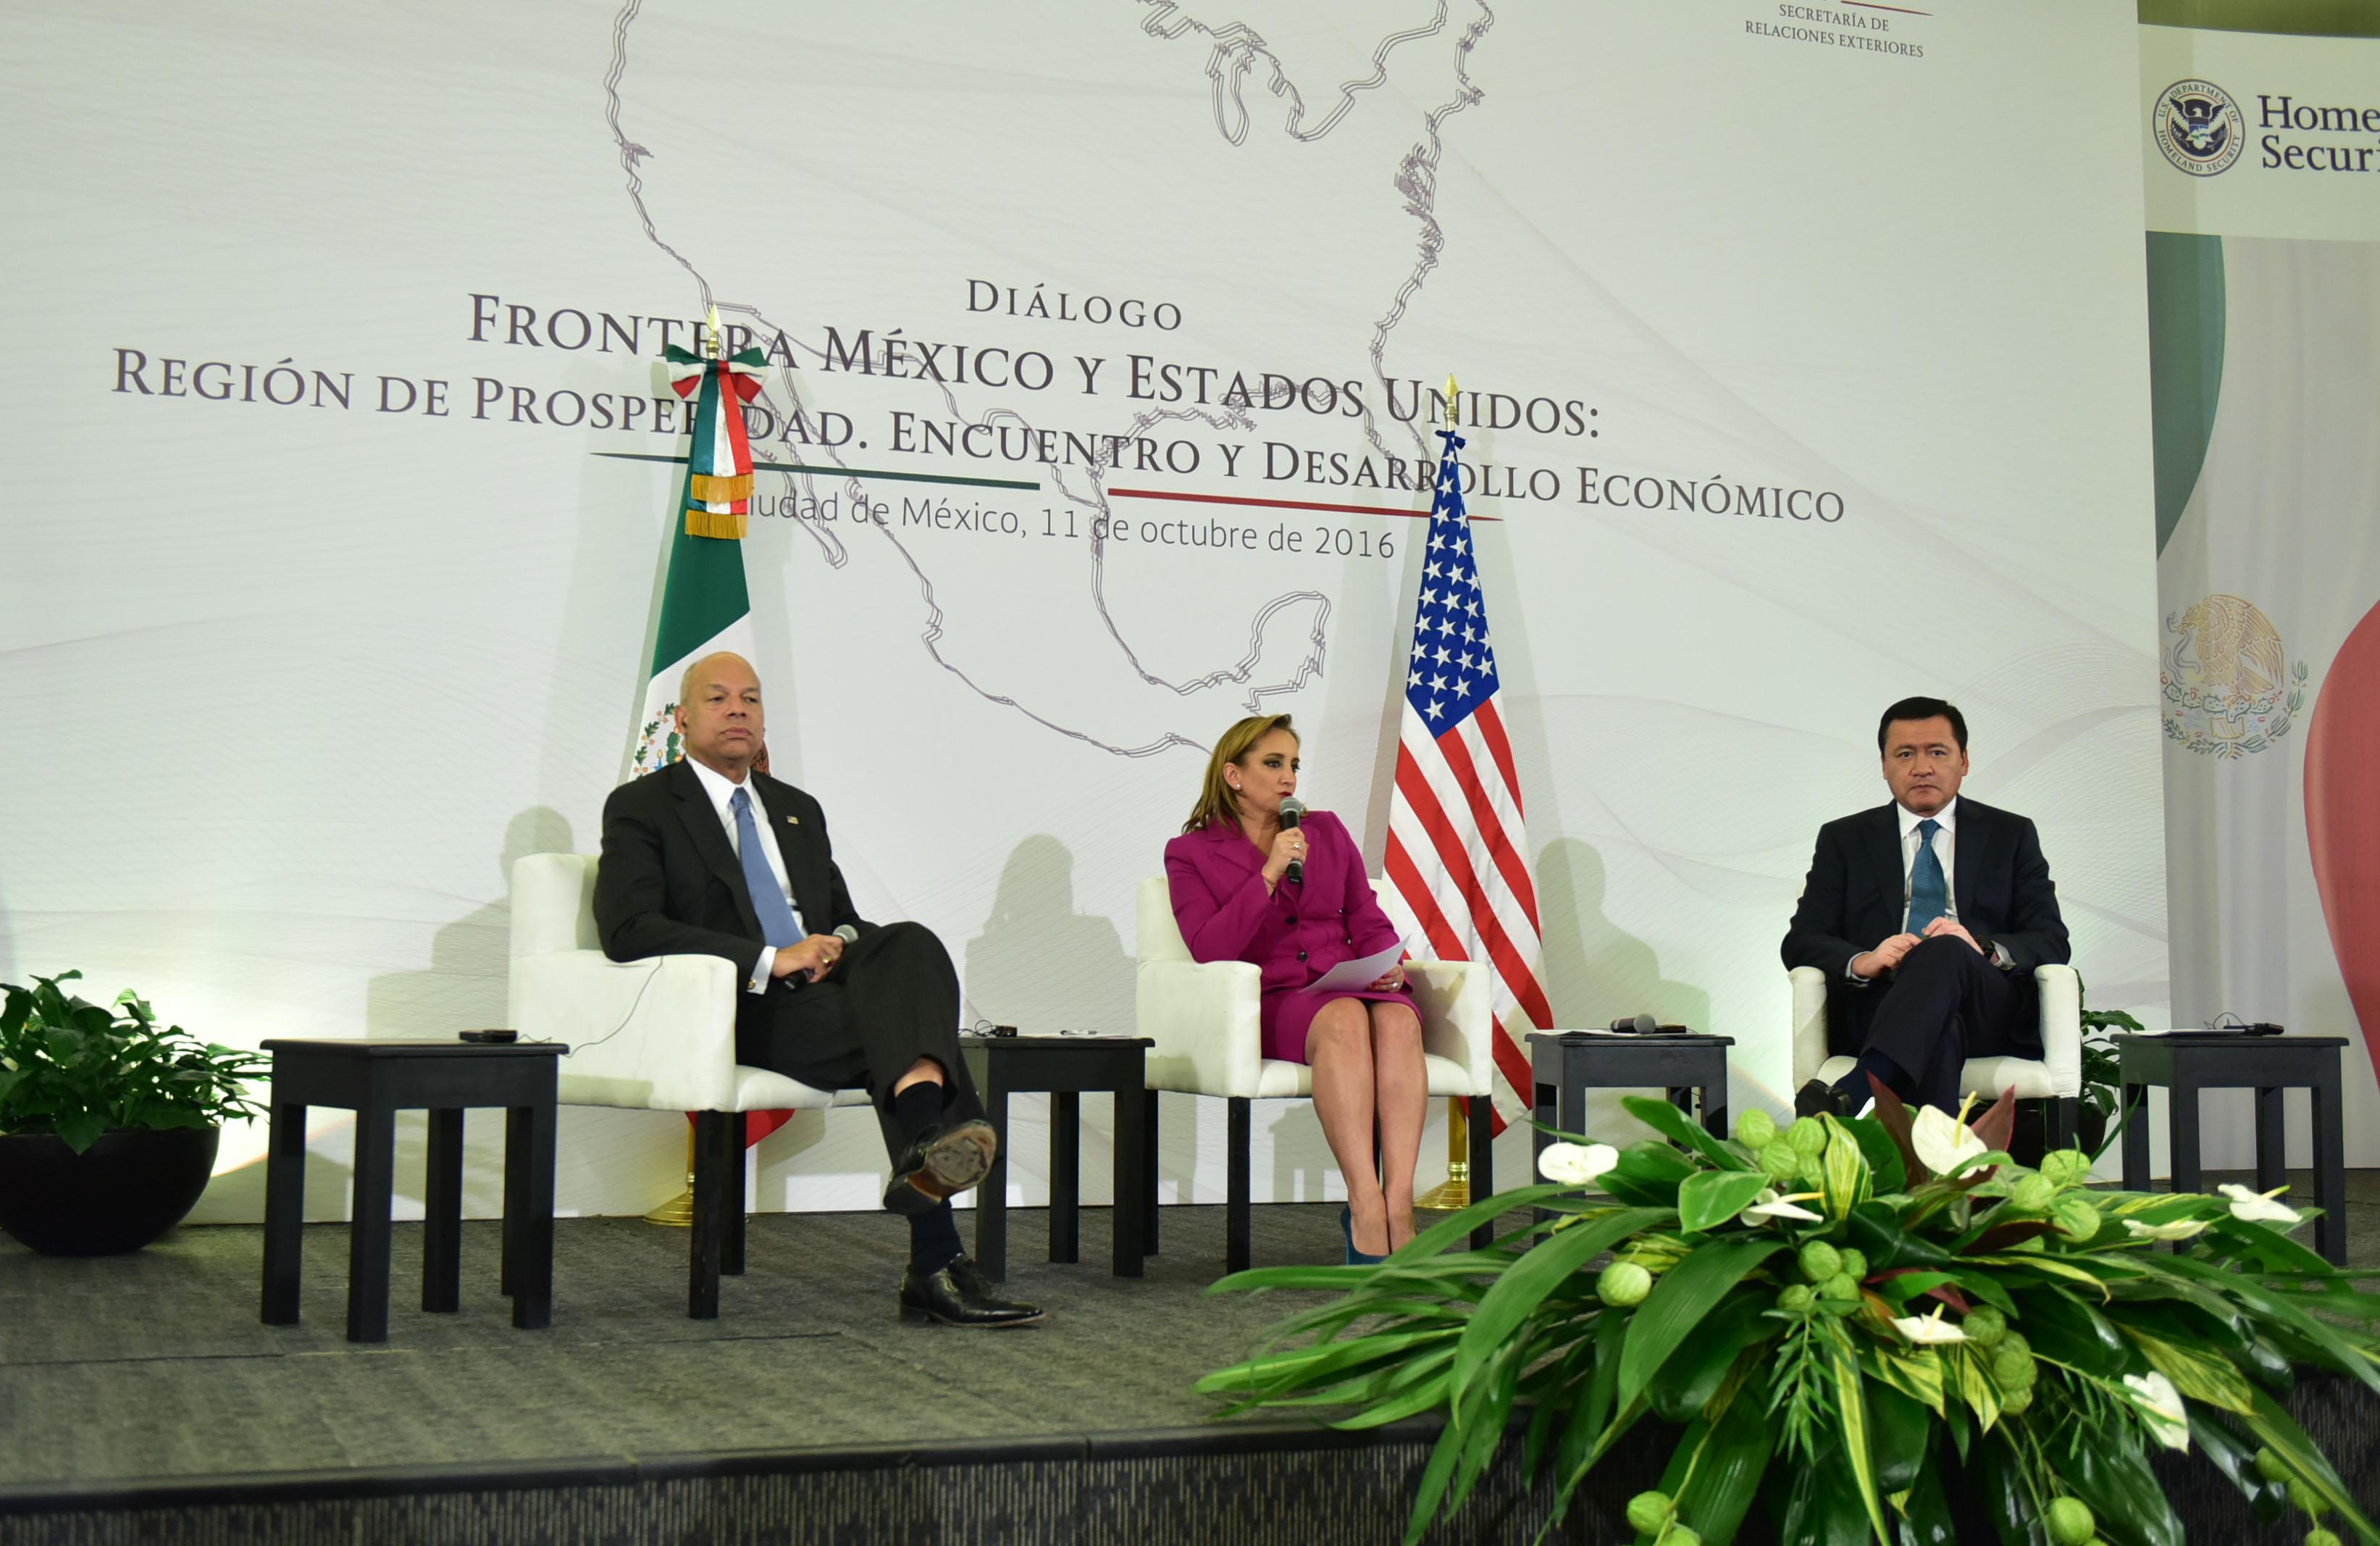 Diálogo Frontera México-Estados Unidos: Región de Prosperidad, Encuentro y Desarrollo Económico